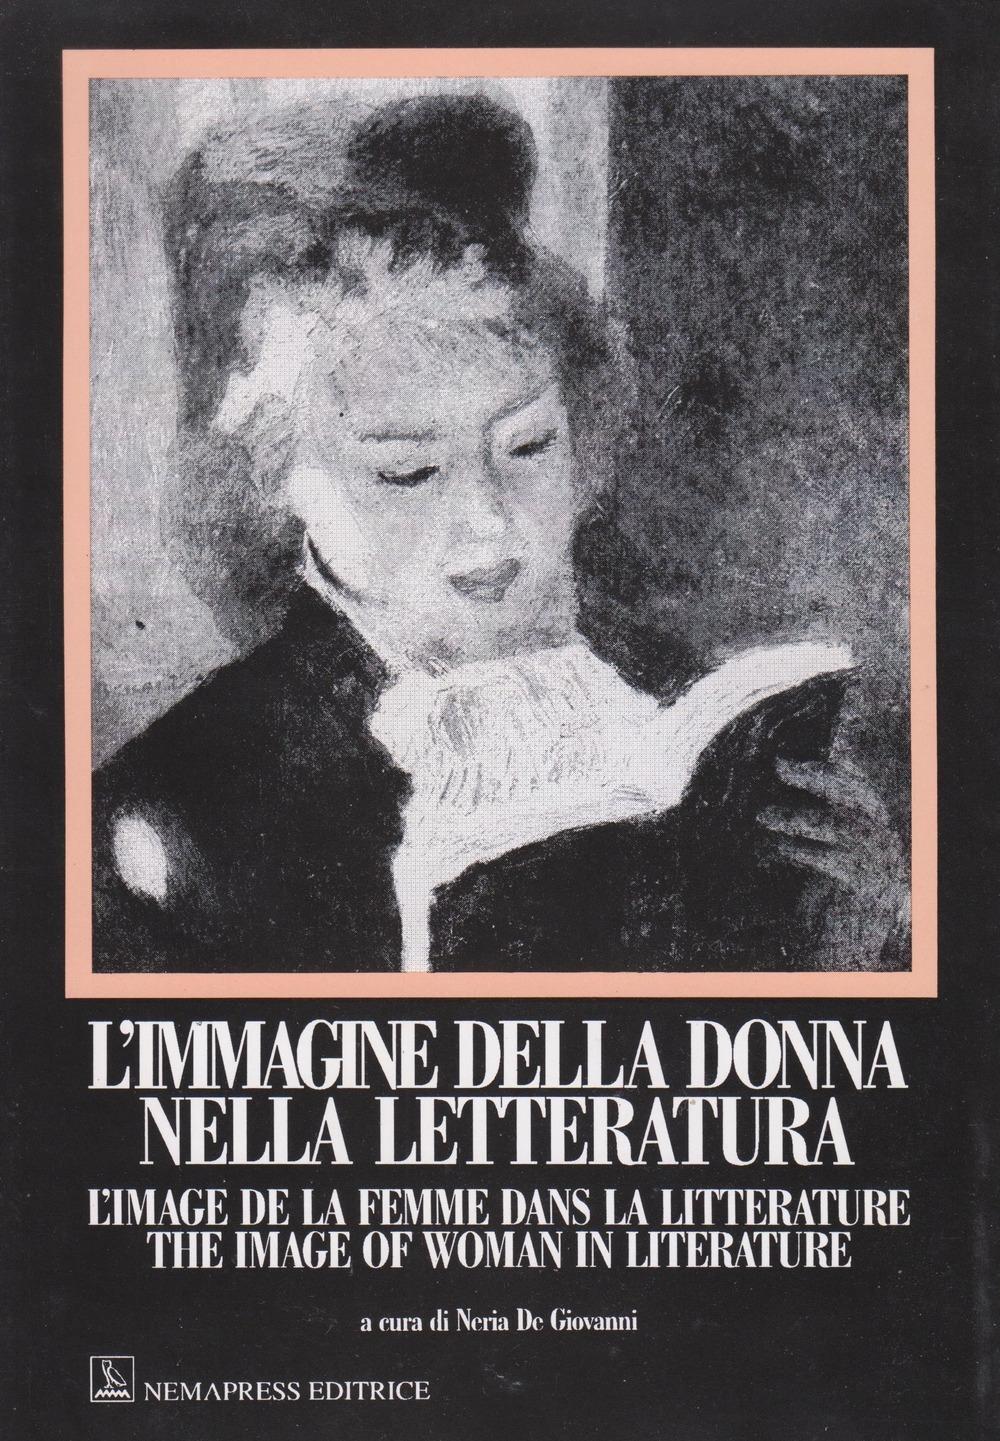 L'immagine della donna nella letteratura. Image de la femme dans la literature